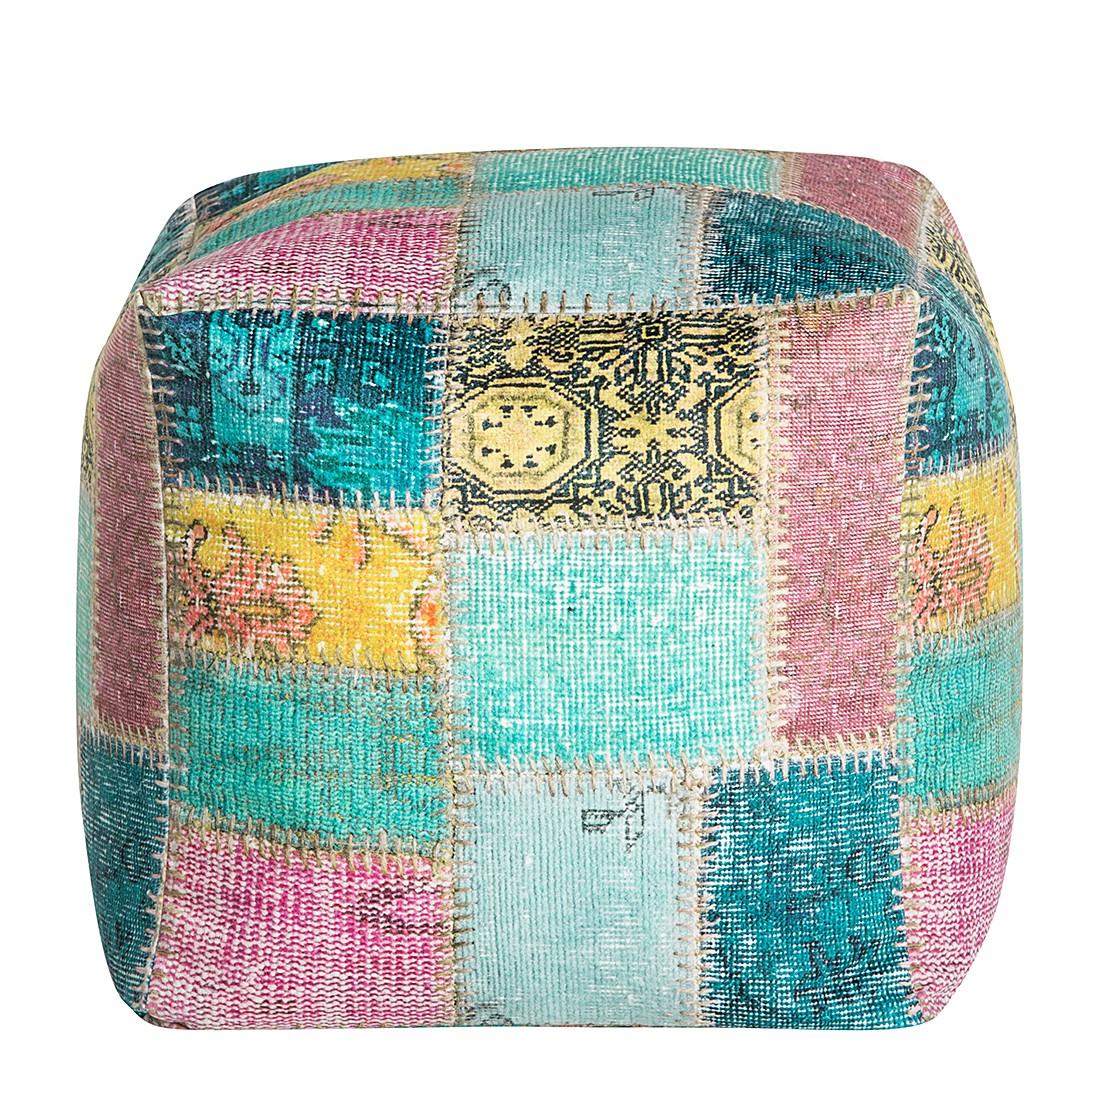 Zitkubus Cube Kapi - microvezel - Pink, SITTING POINT